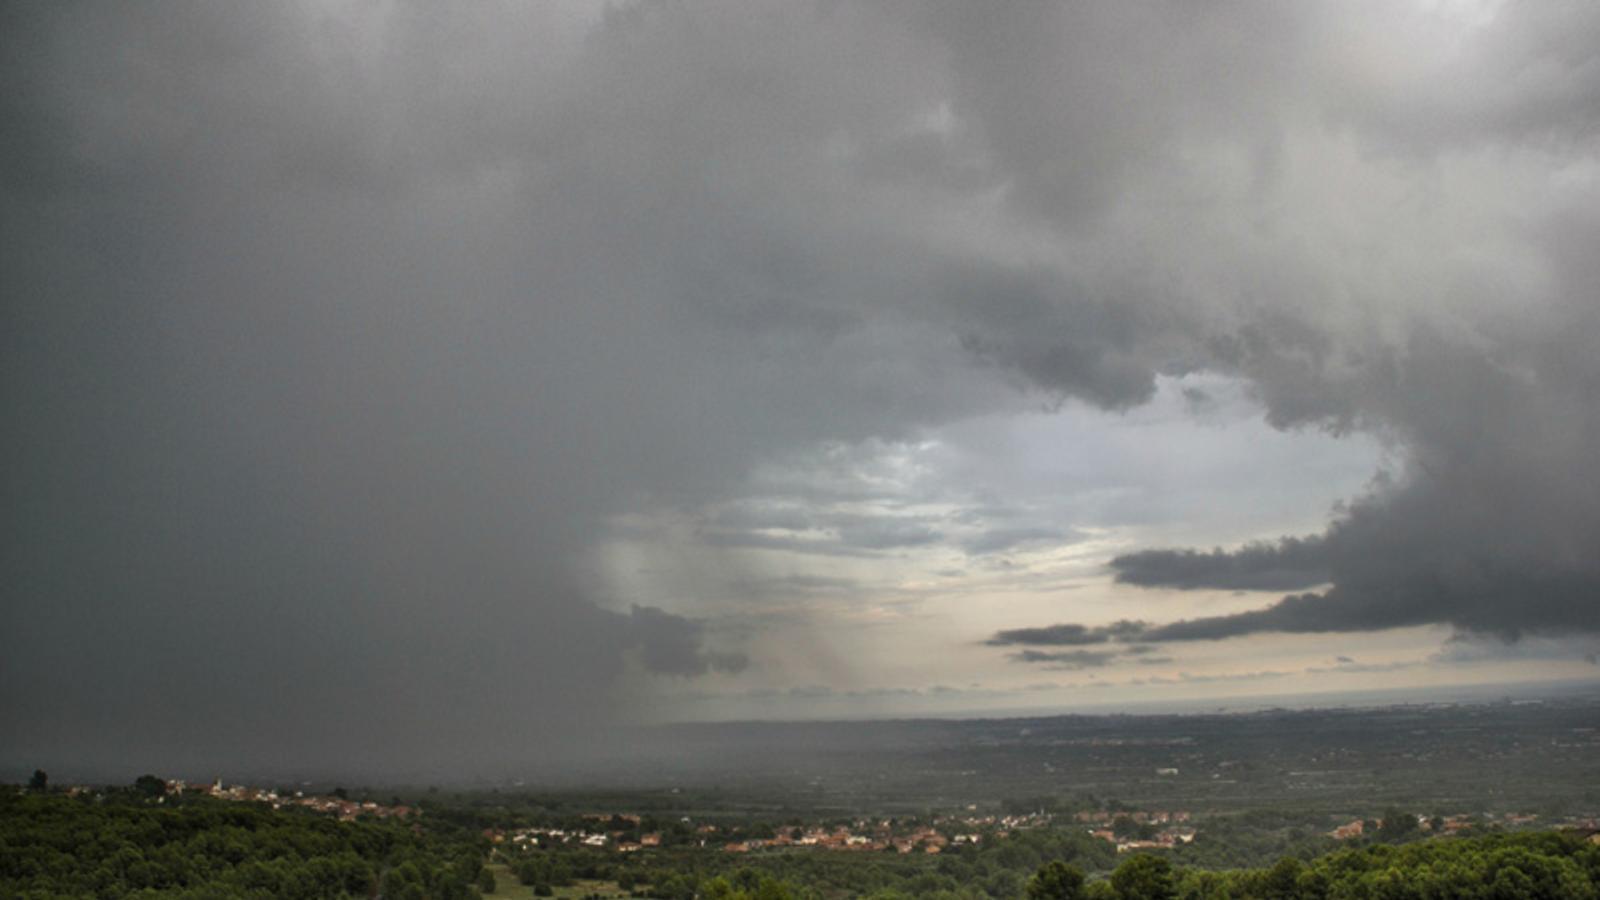 Tempesta ahir a la tarda a Almoster, va deixar 46 mm a l'urbabització de Picarany // Jaume Alegre